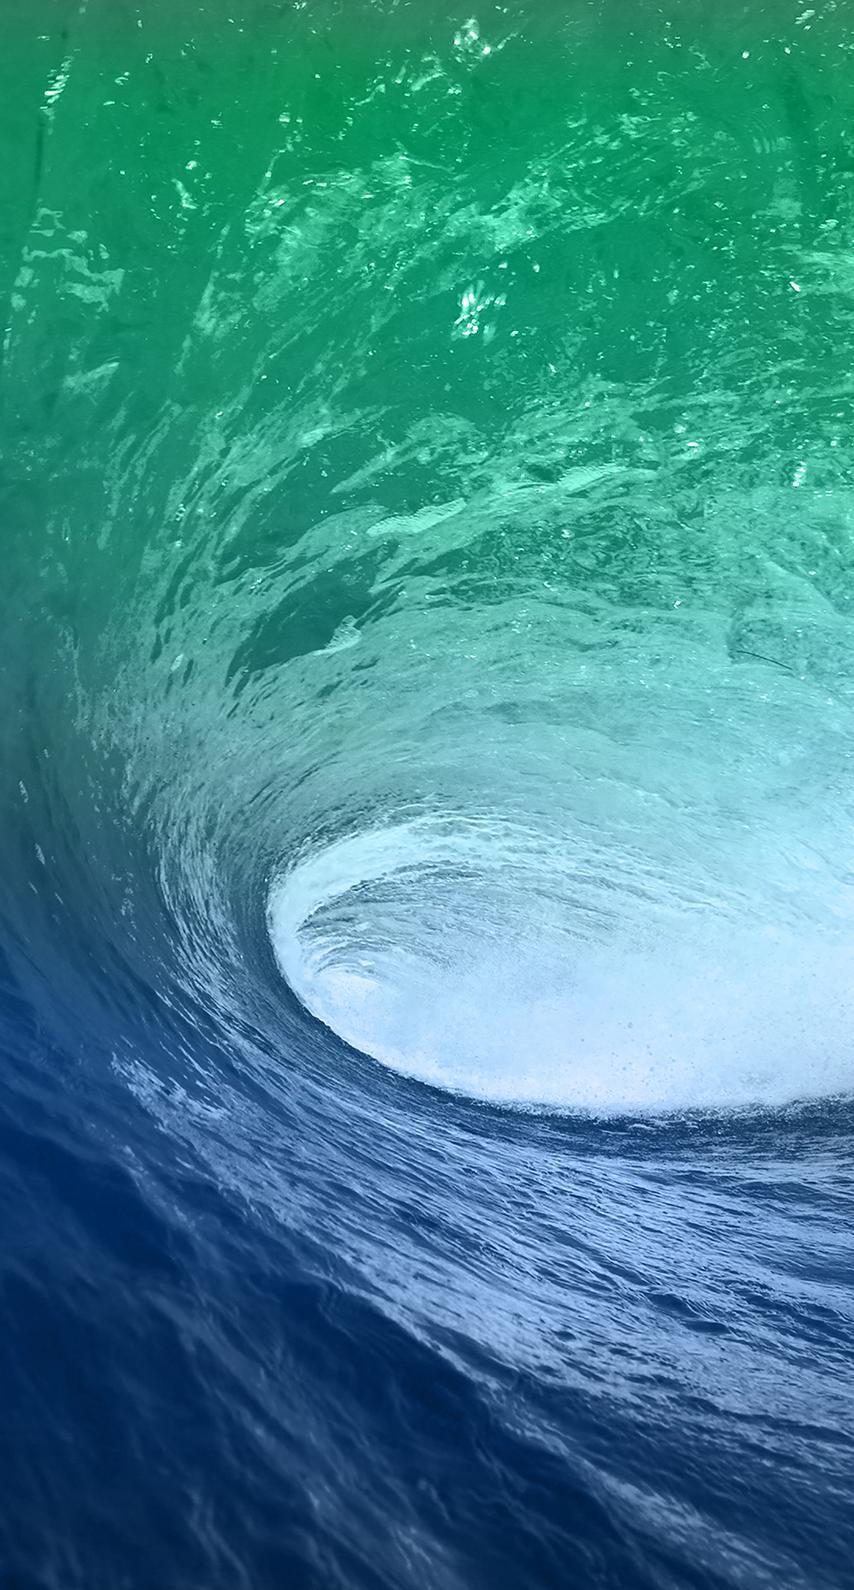 sea, water, ocean, sky, splash, turquoise